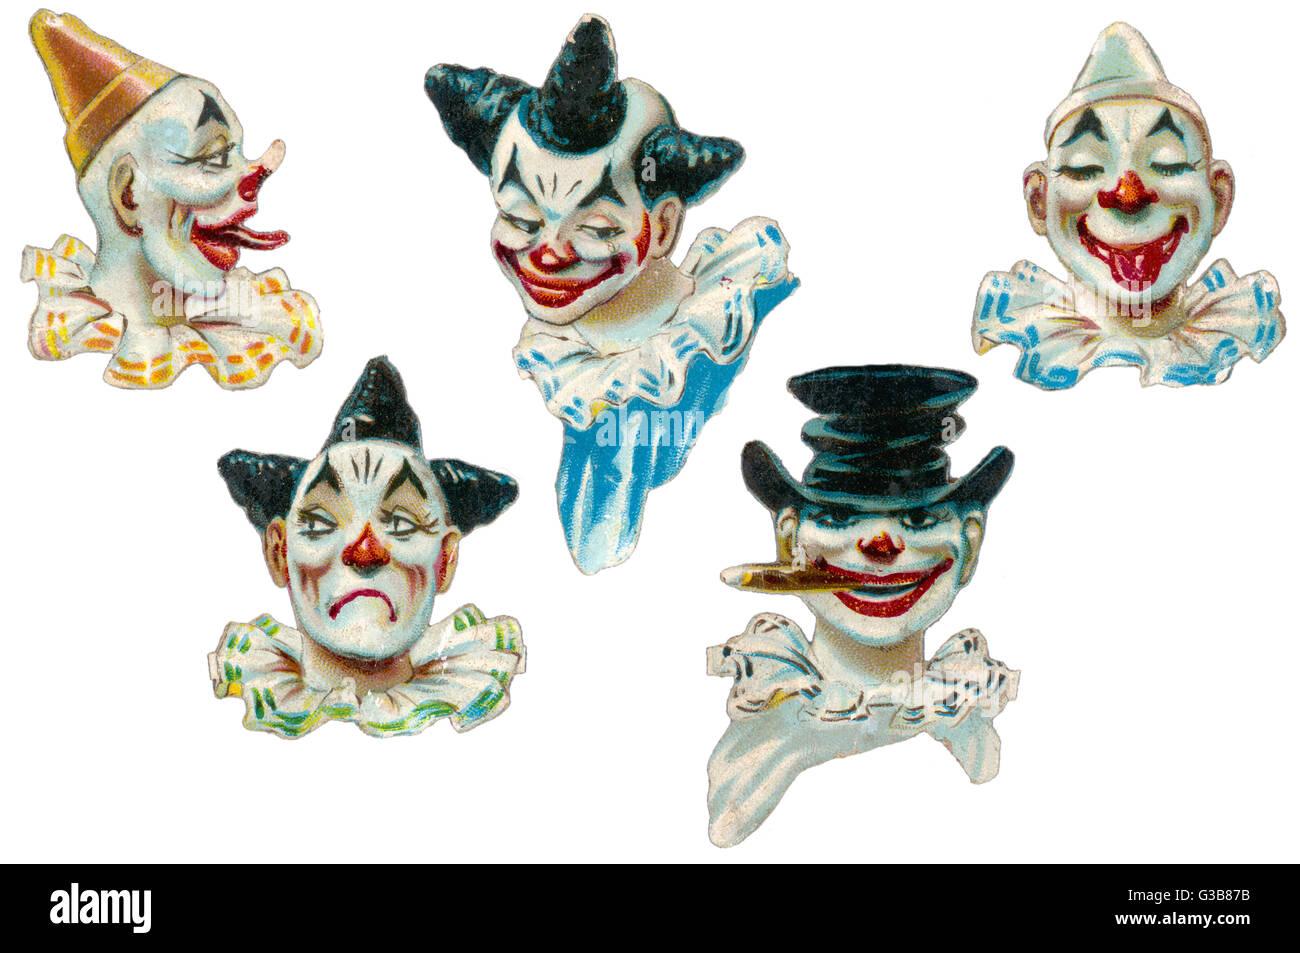 Una selezione di clown facce con diverse espressioni. Data: tardo XIX secolo Immagini Stock